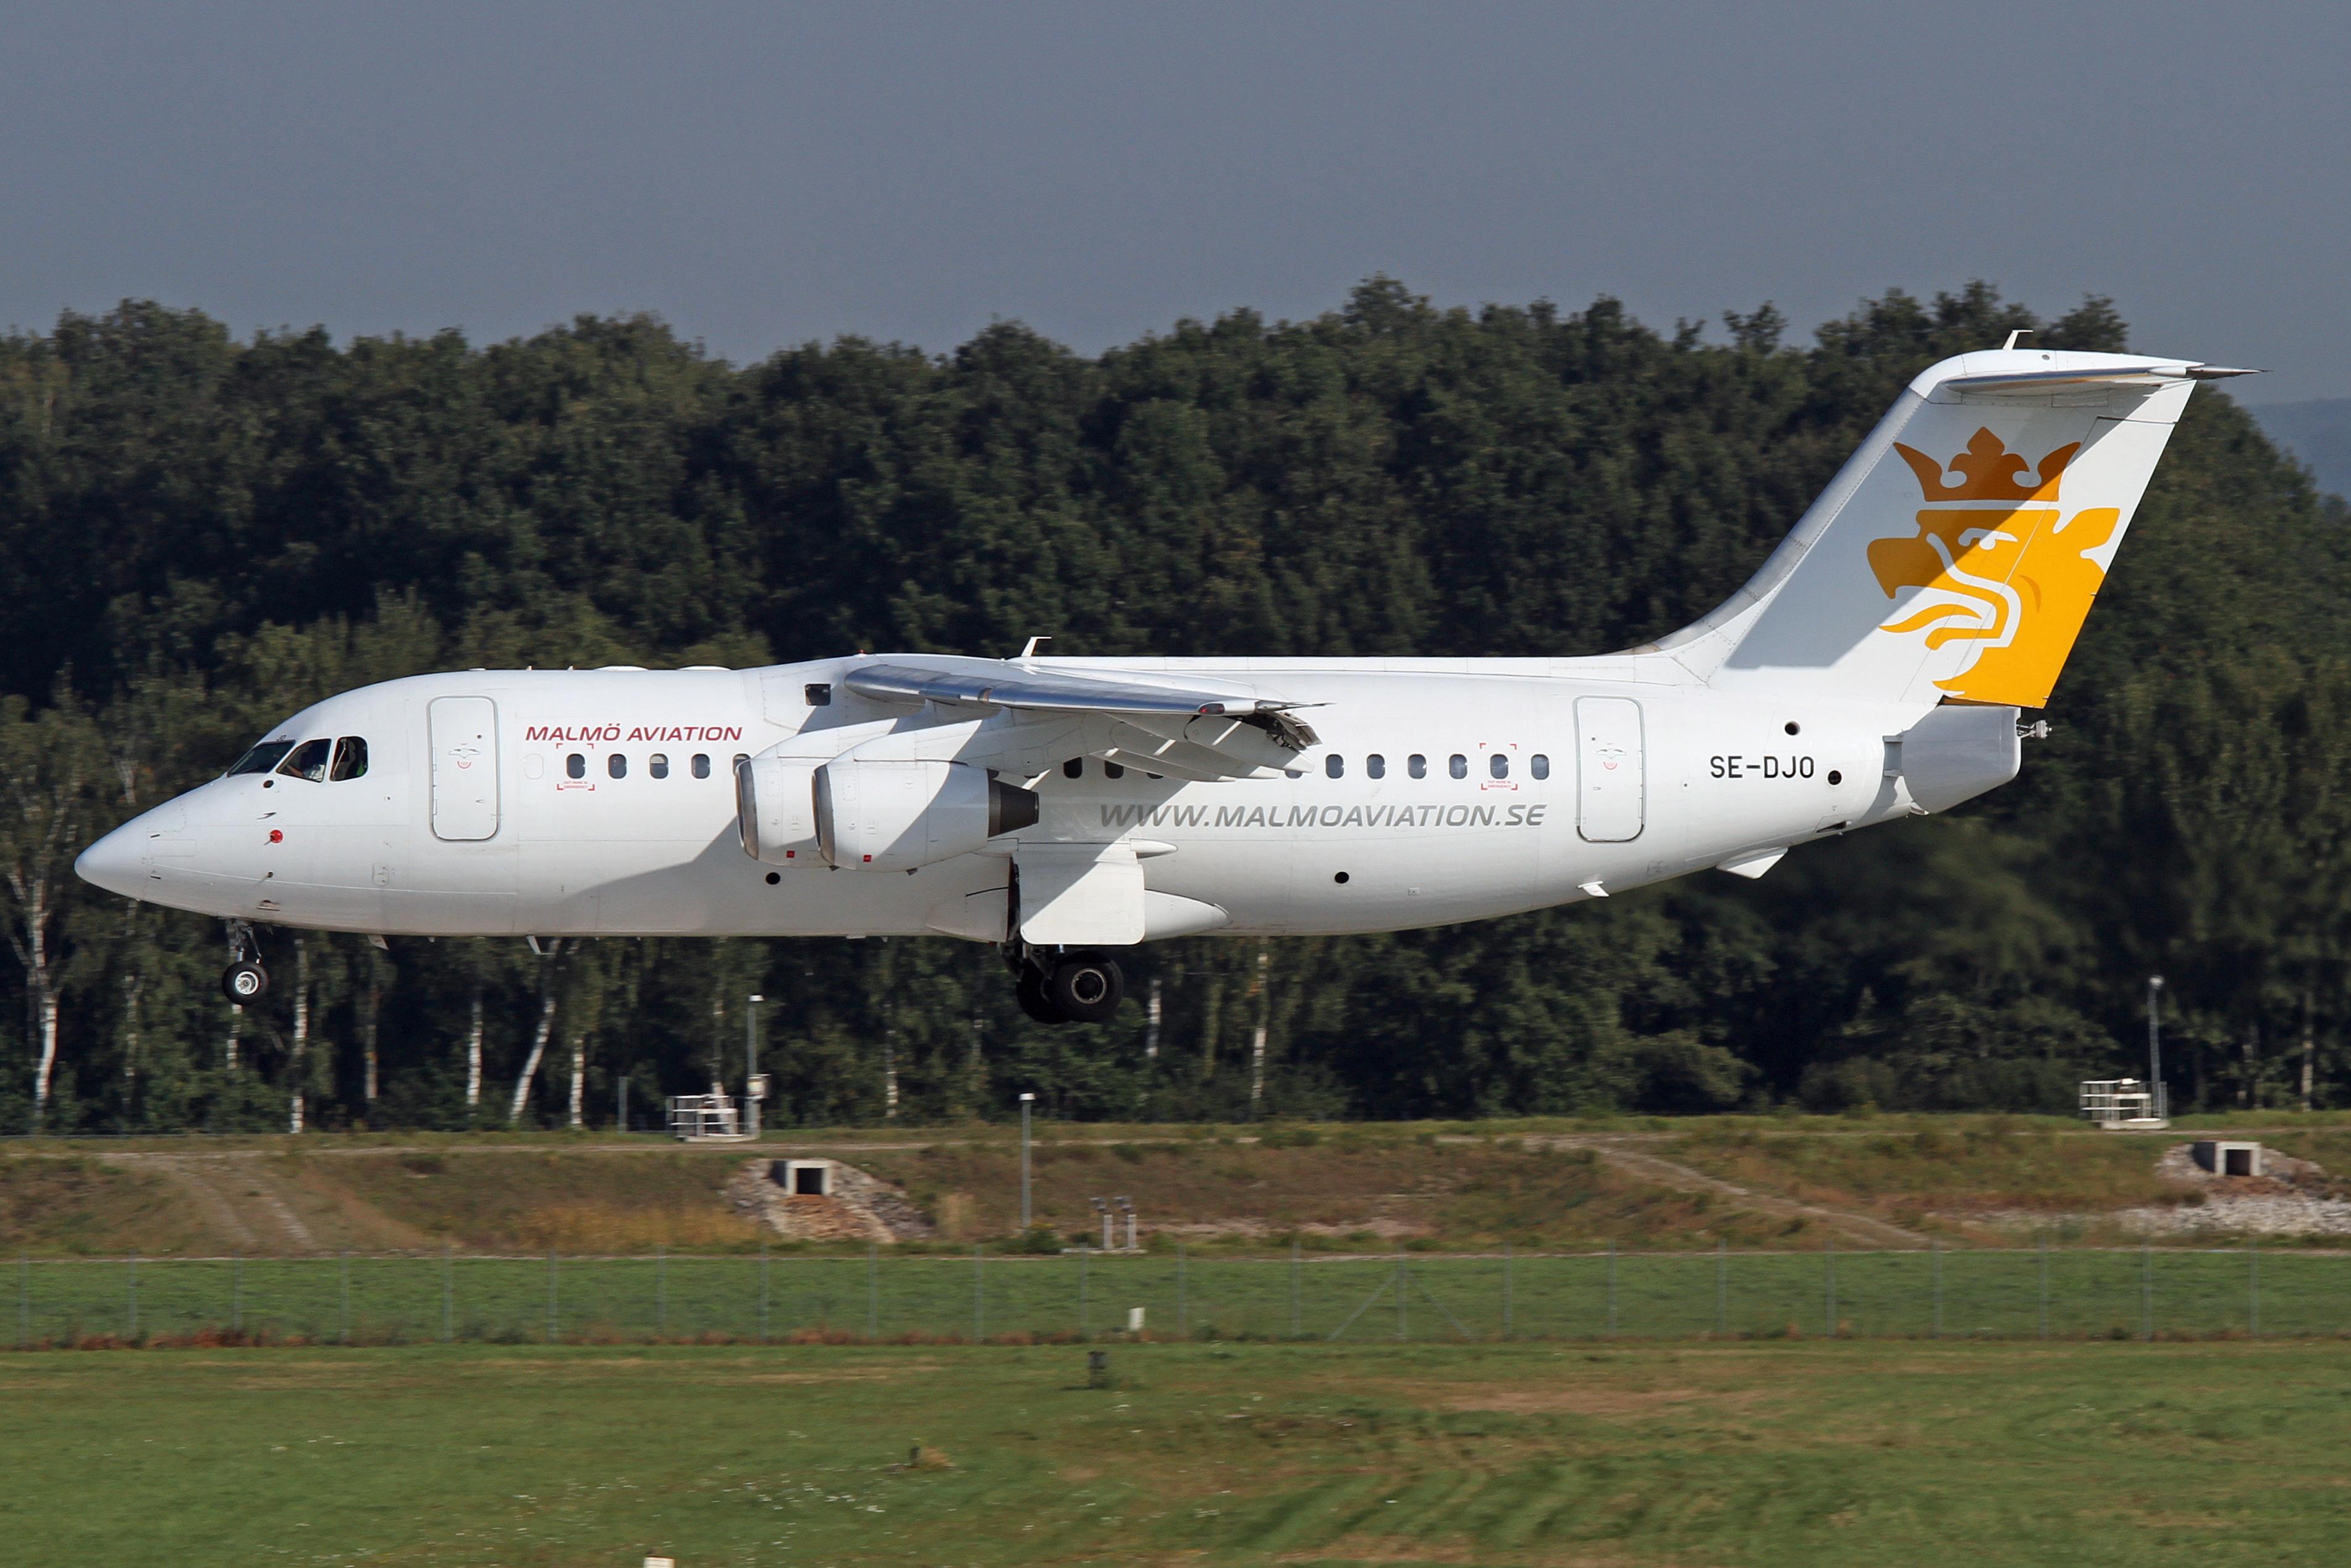 Scw8081 Malmo Aviation Rj 85 Rj85 Se Djo Ykoon